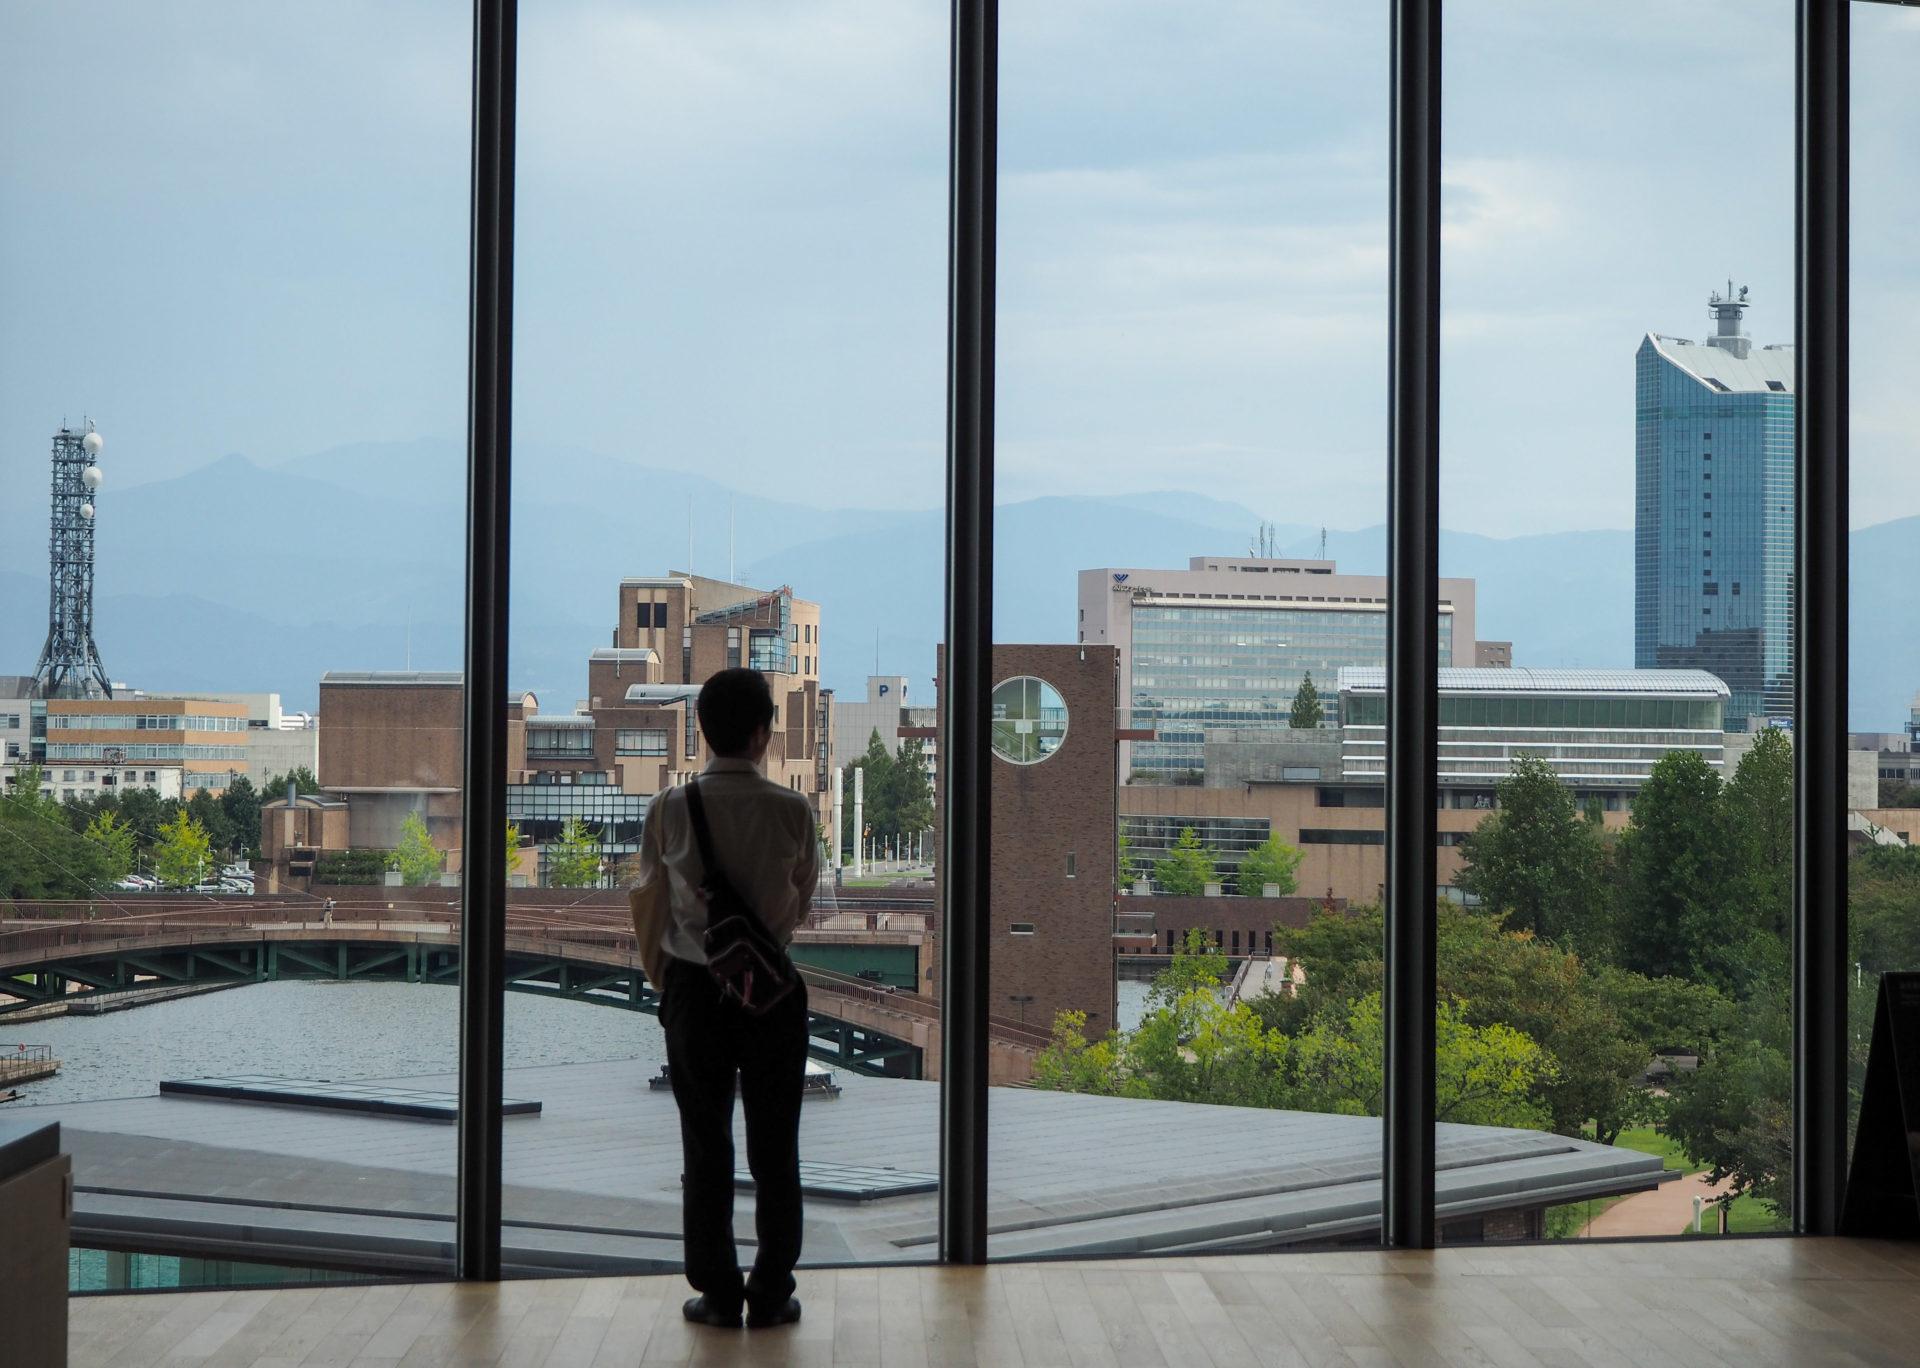 Musée d'art et de design de Toyama - Préfecture de Toyama, porte d'entrée vers les Alpes Japonaises - Voyager au Japon hors des sentiers battus